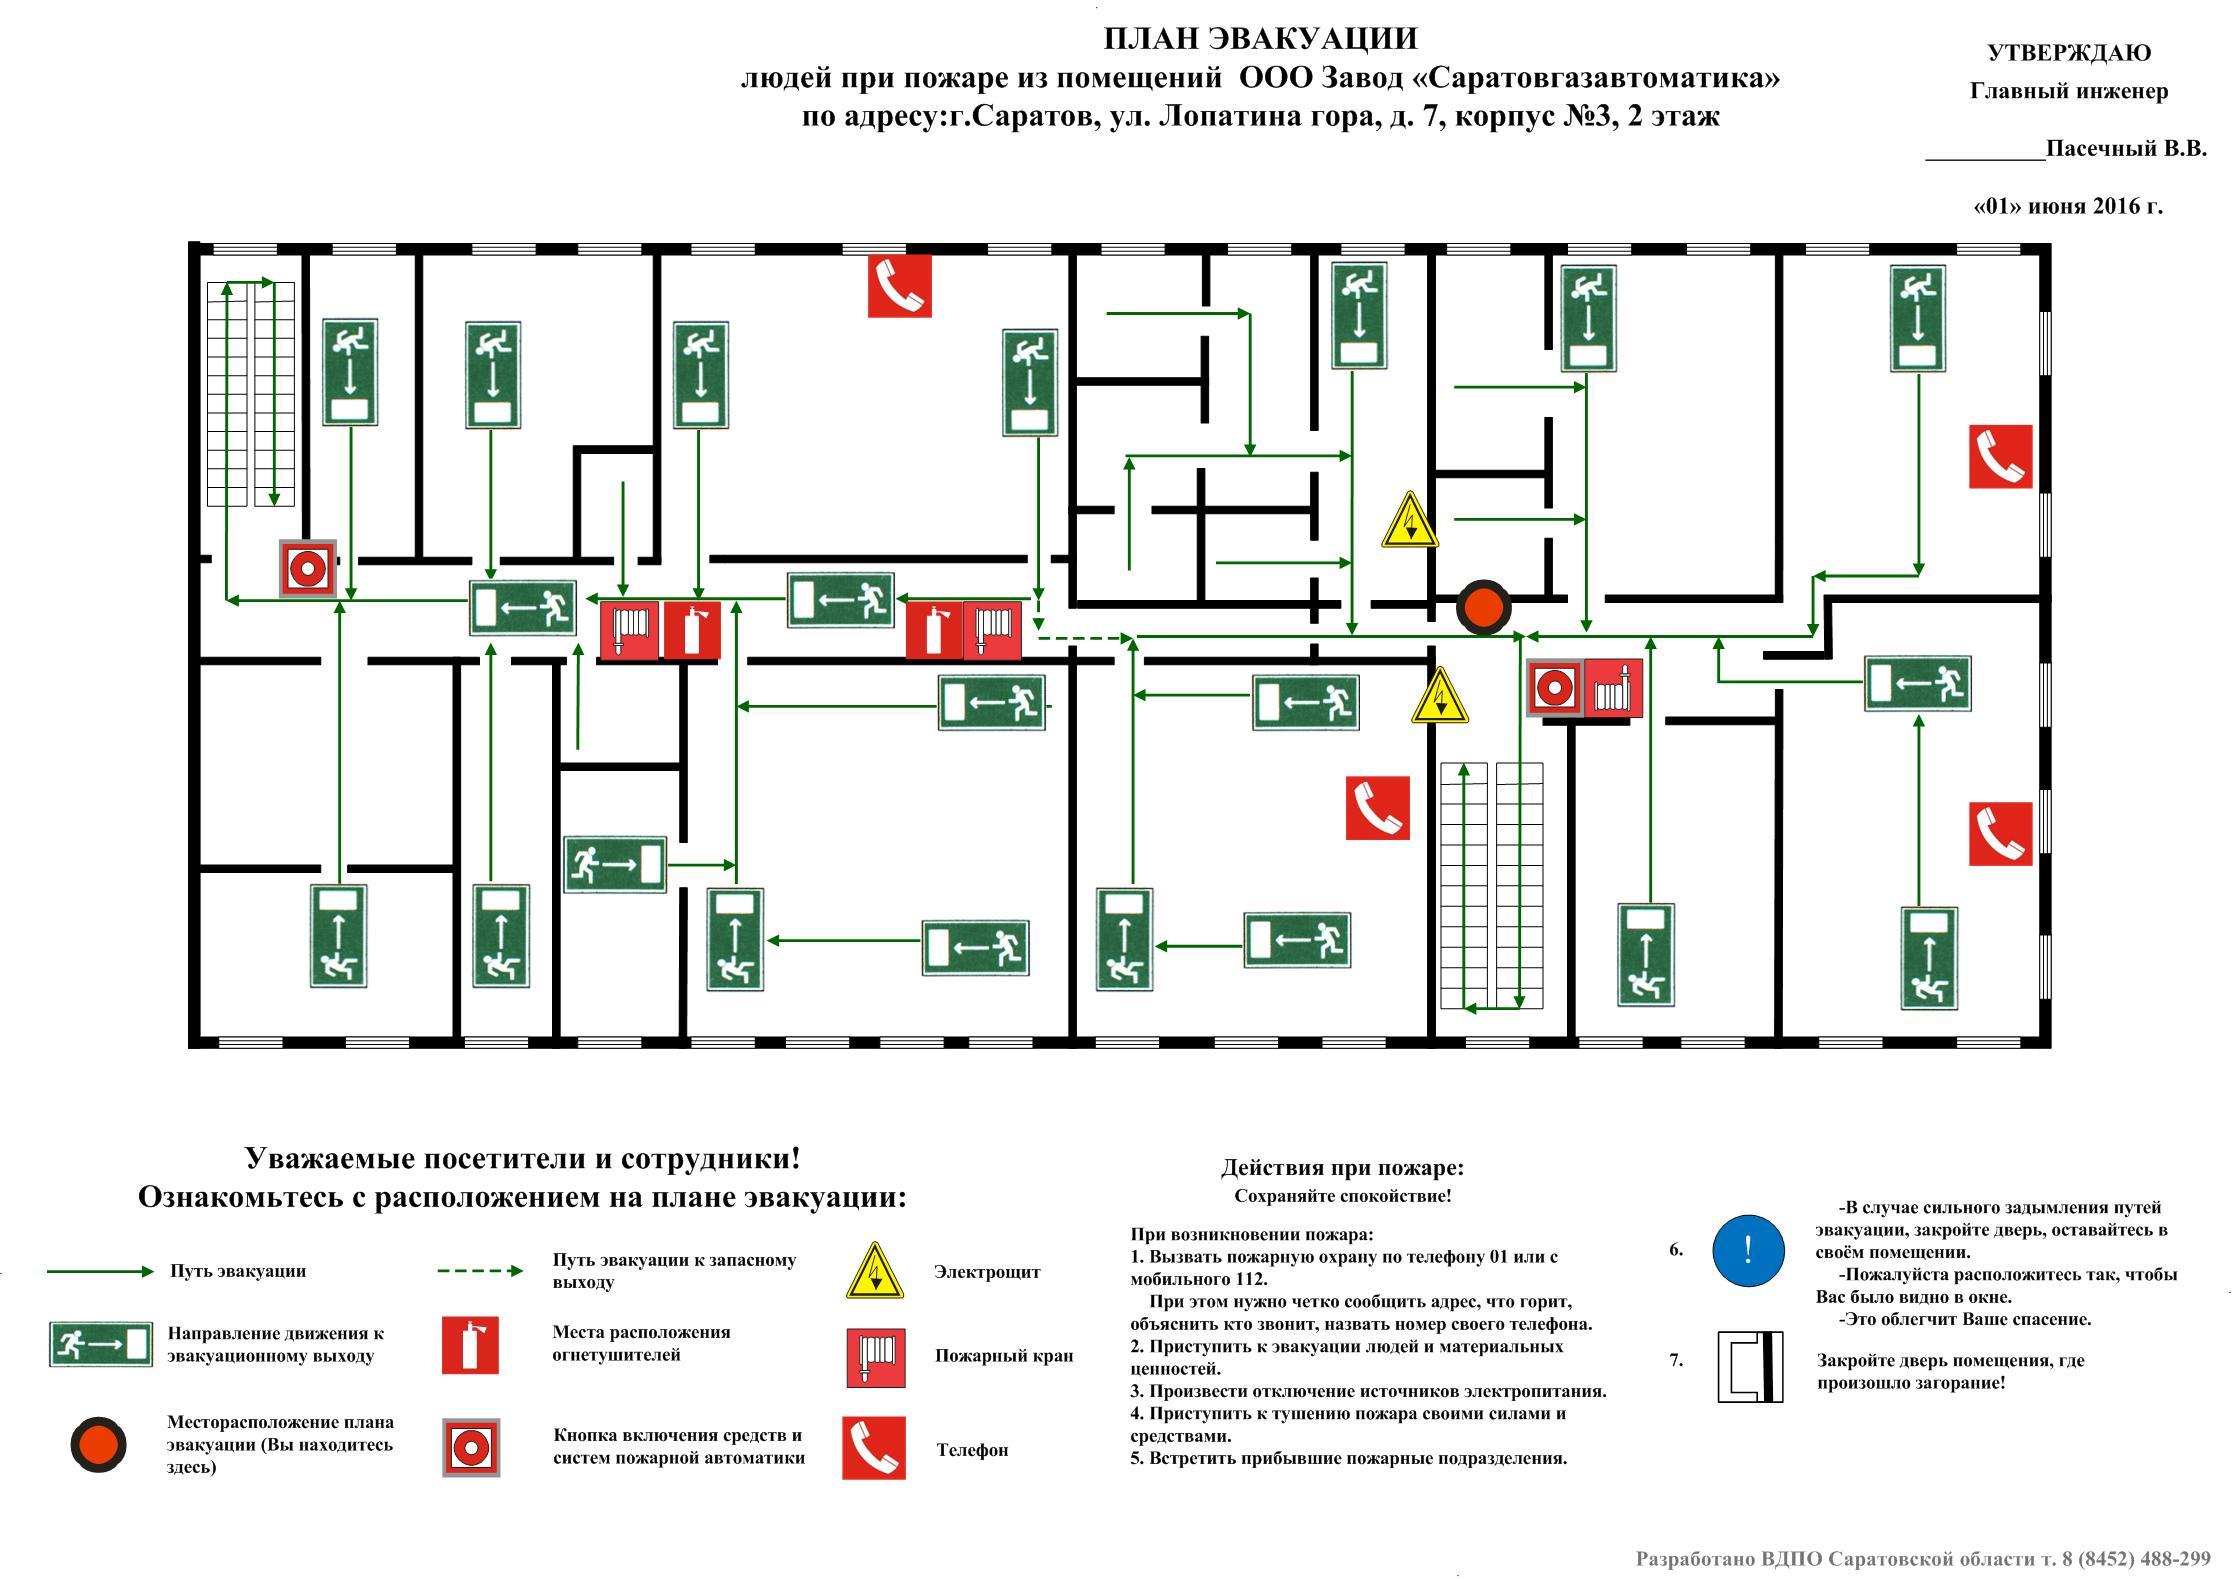 Программа для составления схемы эвакуации